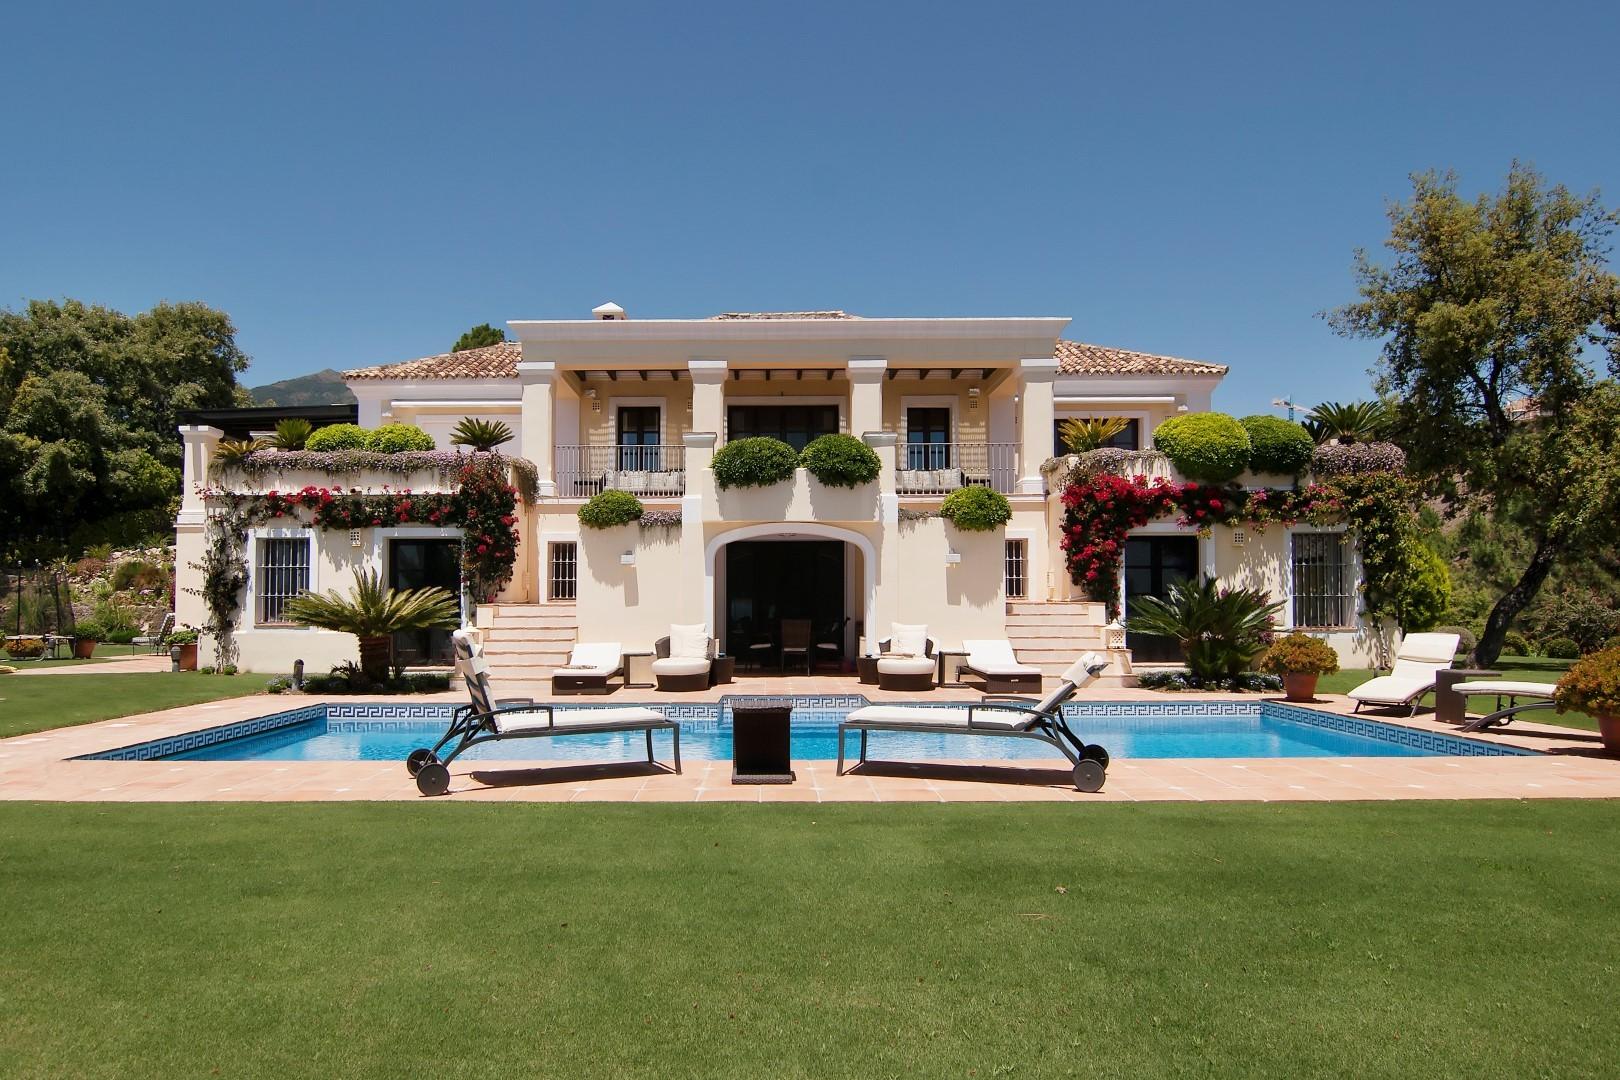 Villa con estilo, confort y pedigrí en La Zagaleta